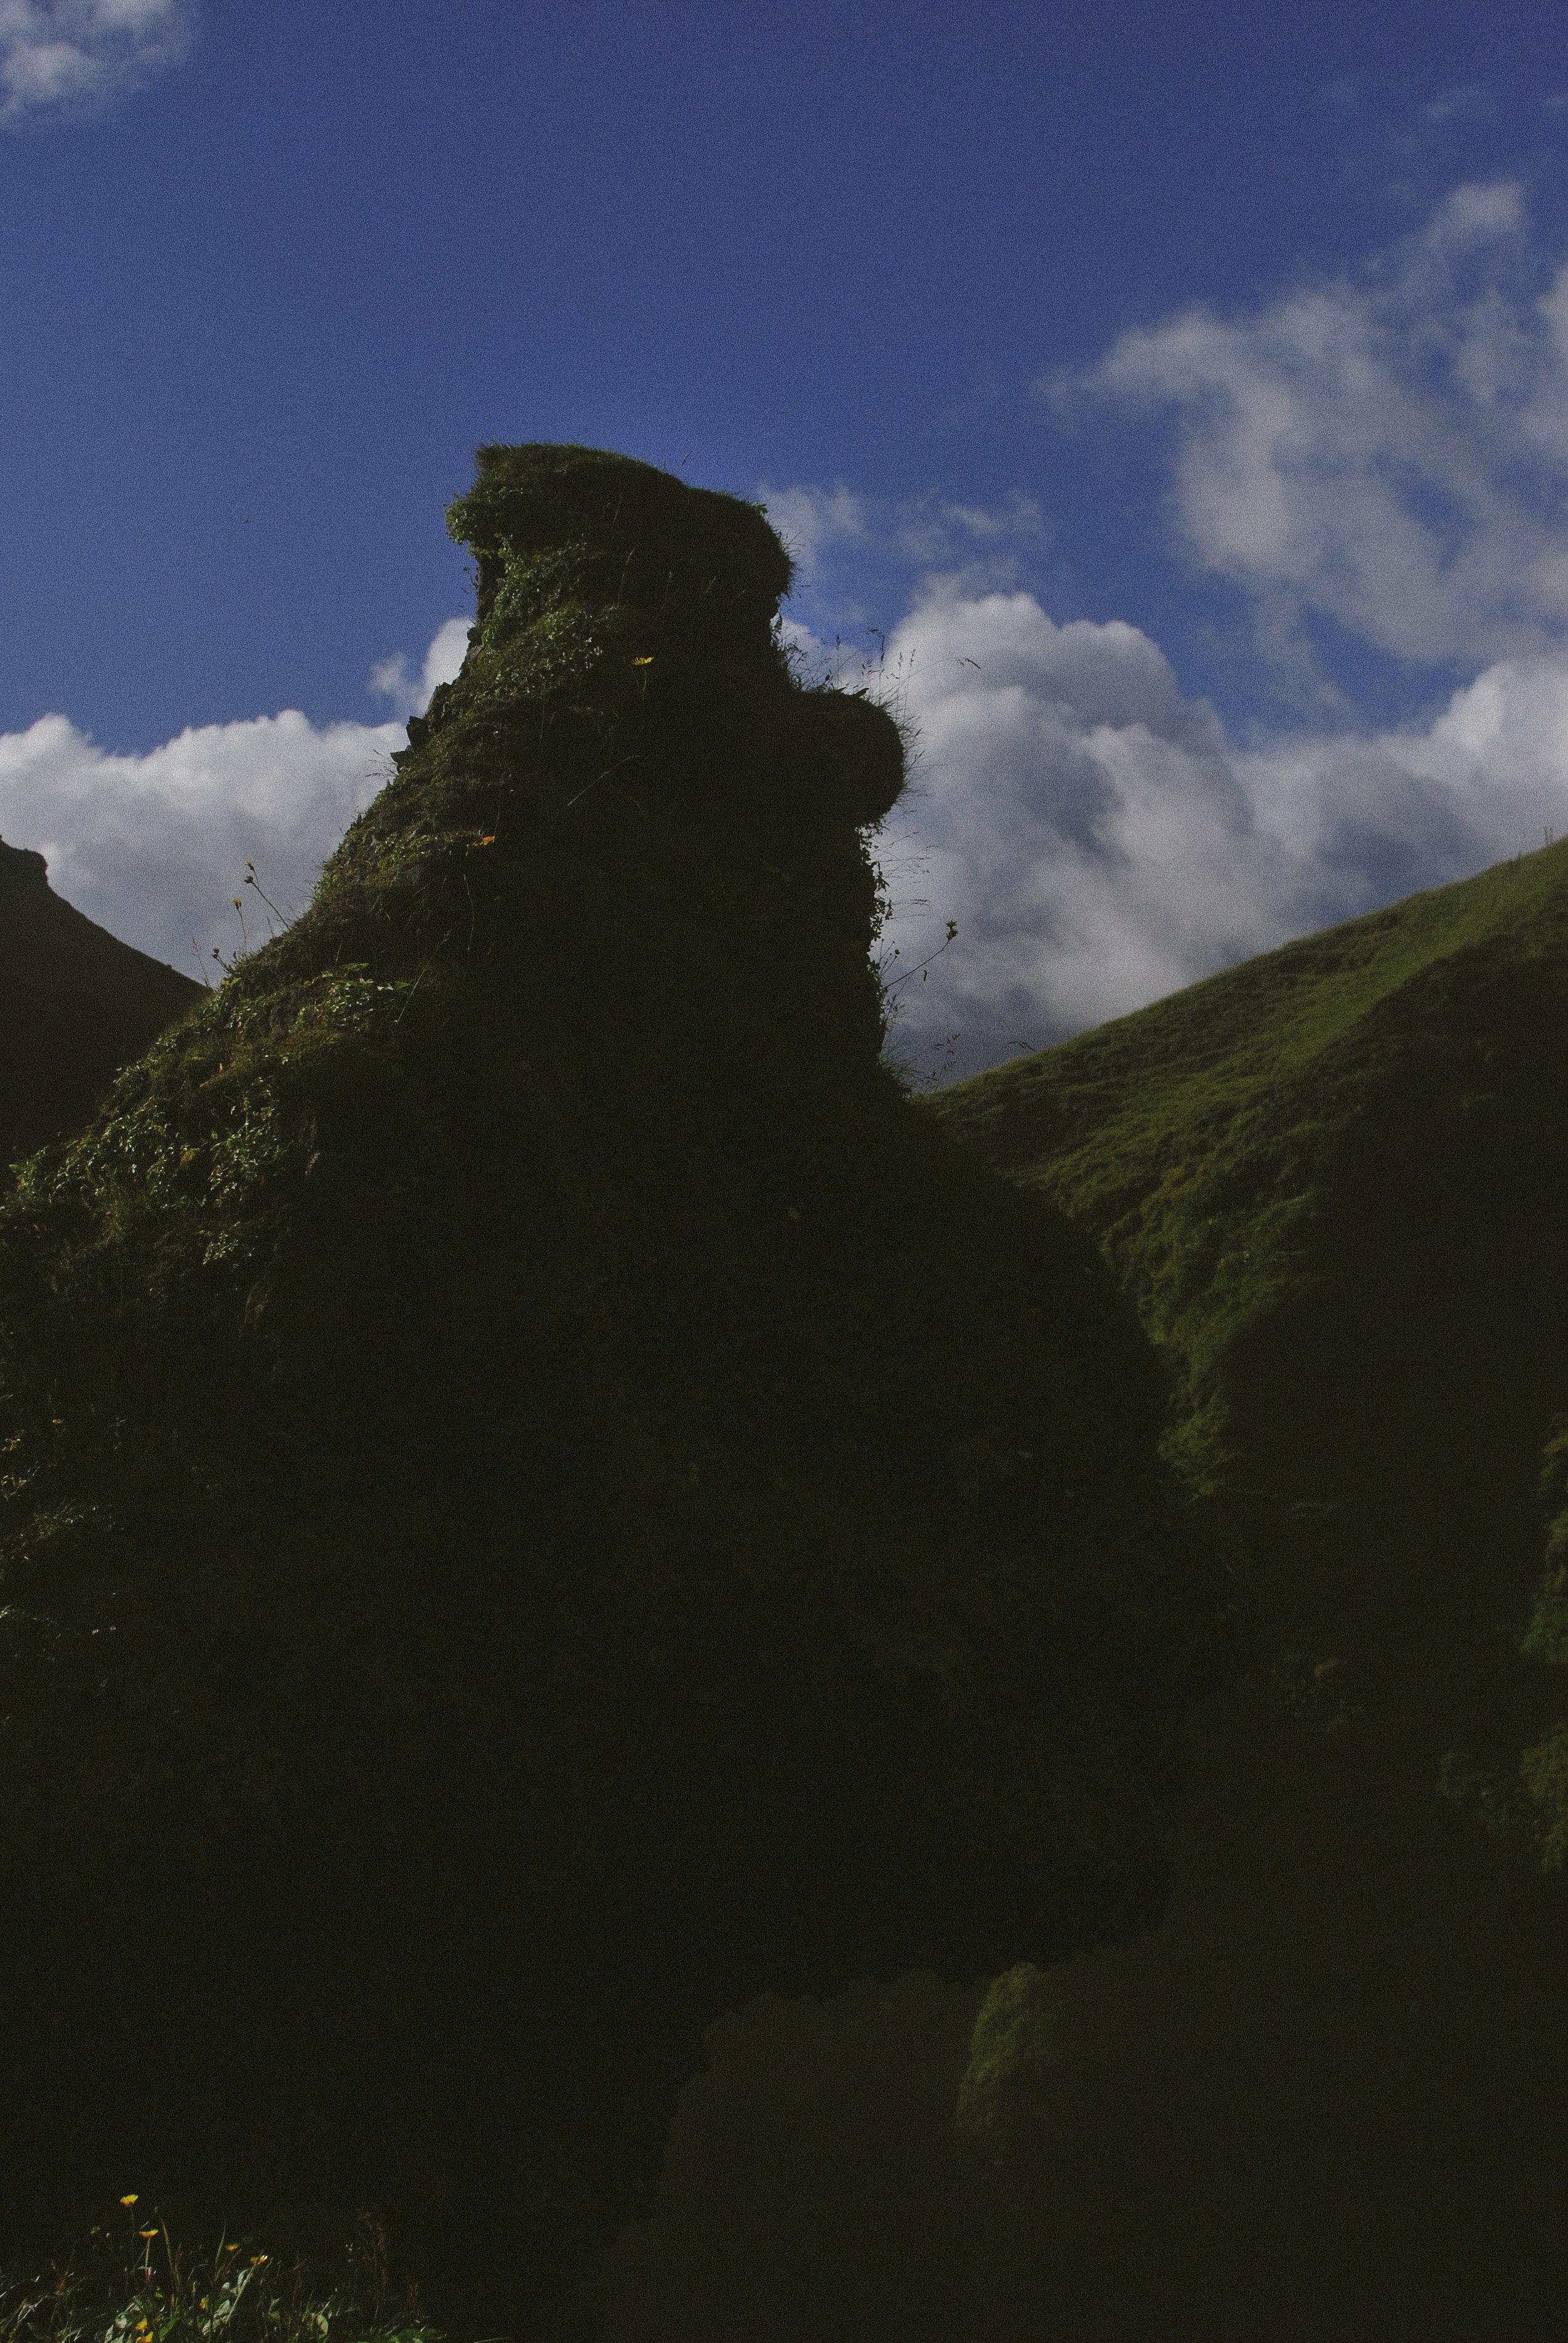 Iceland_Skogarfoss_Falls_Outcropping.jpg